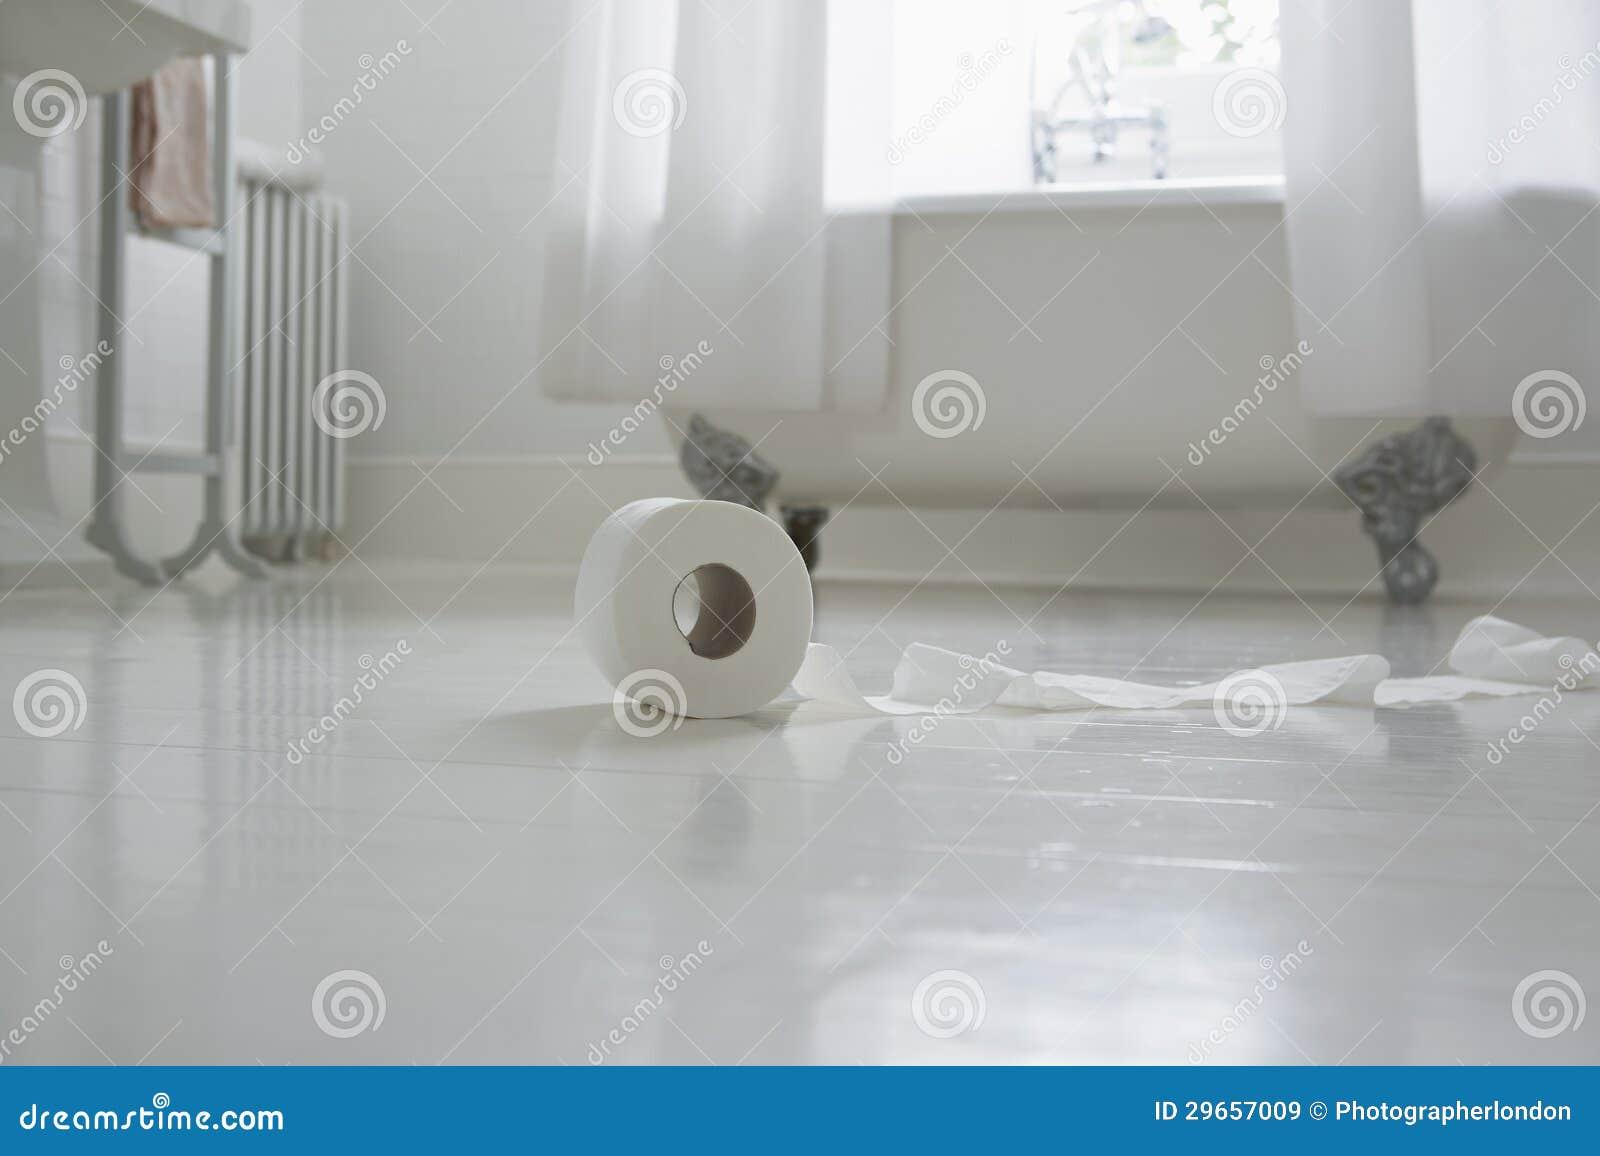 raumplaner badezimmer download: design#5001974: einrichtung, Badezimmer ideen